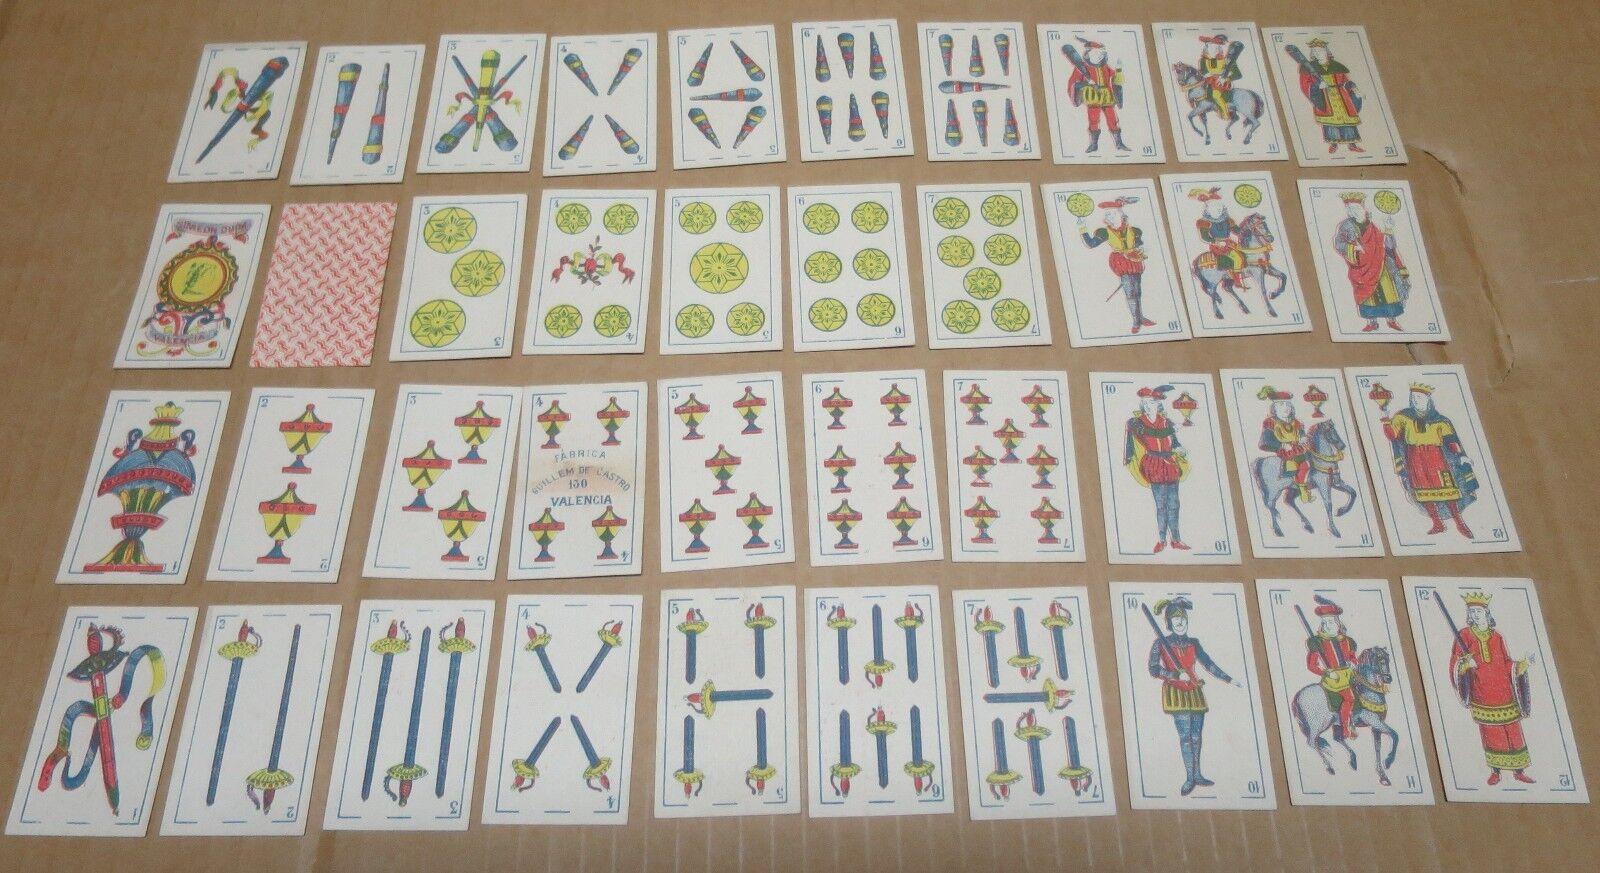 CARTES A JOUER  enseignes latines jeu complet de 40 cartes Valencia Espagne